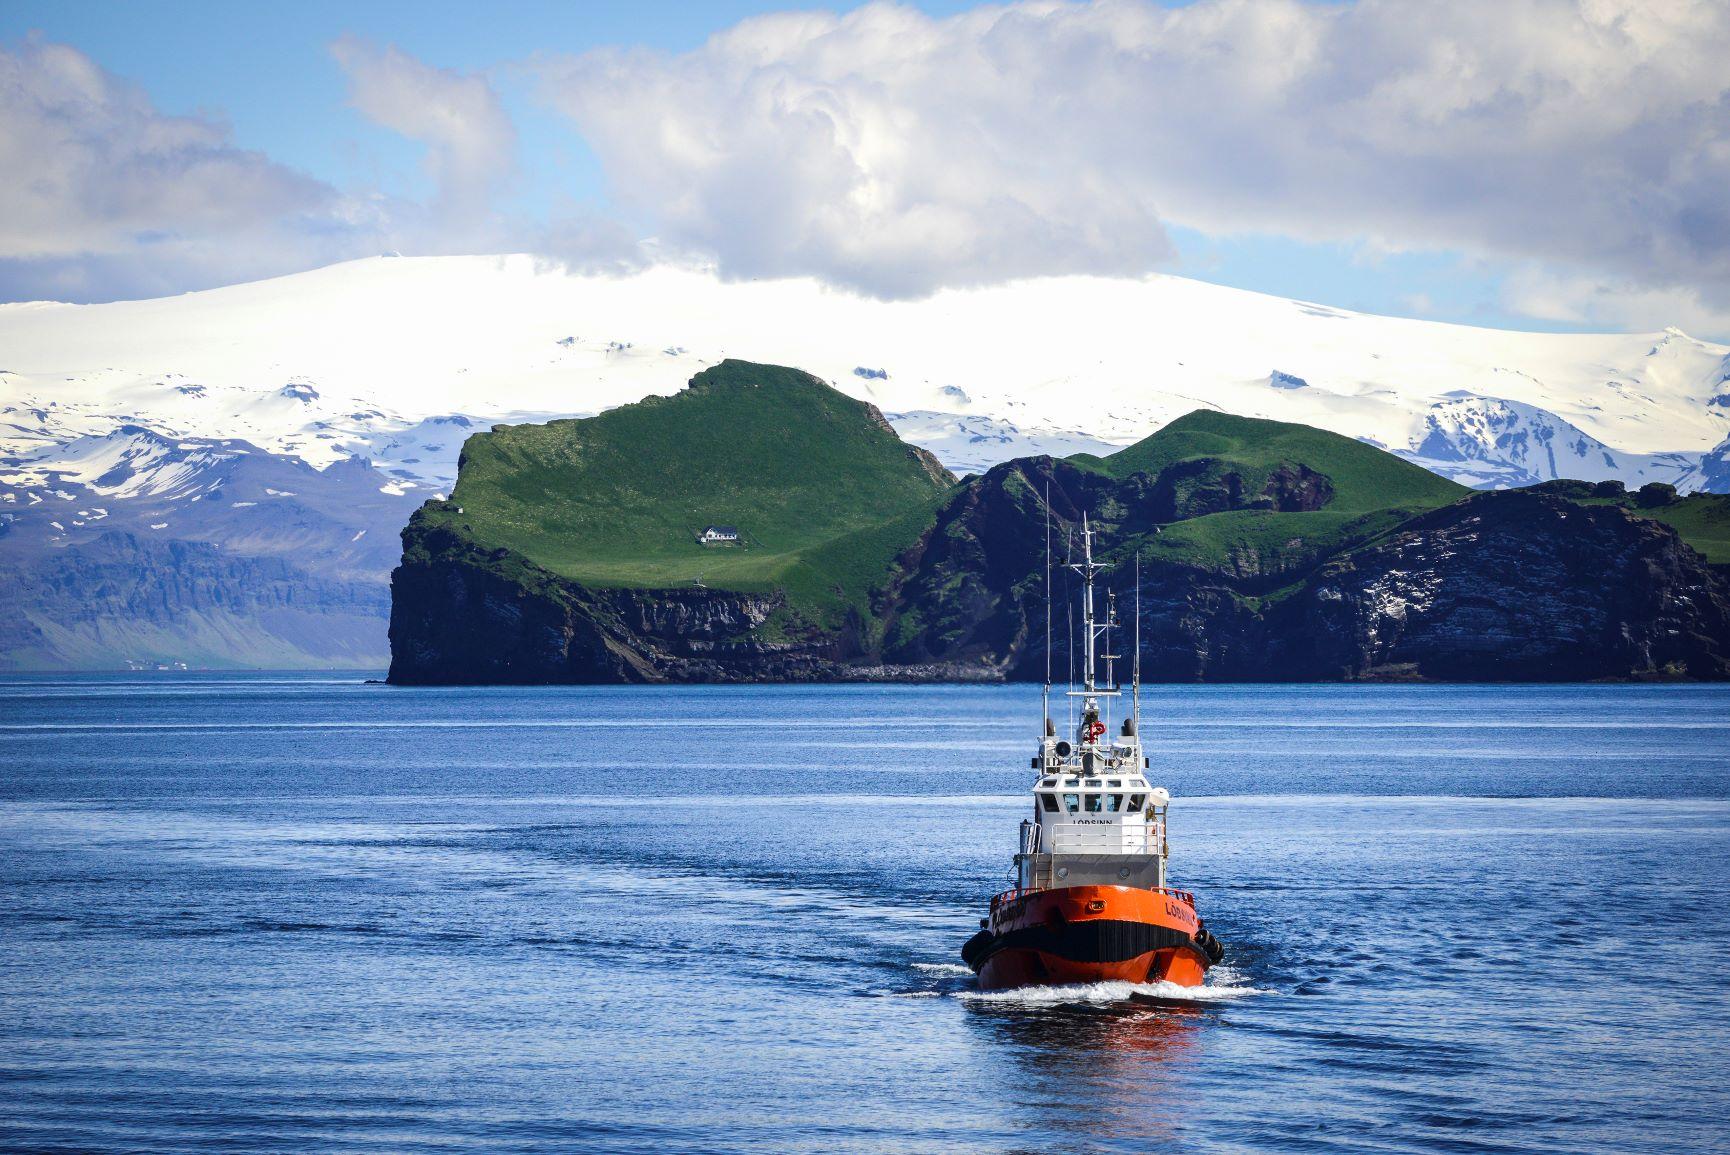 氷雪抱く雄大な山と緑美しい海岸線をバックに漁船がいく、探検船だからこそ見られるアイスランドの魅力に迫る旅